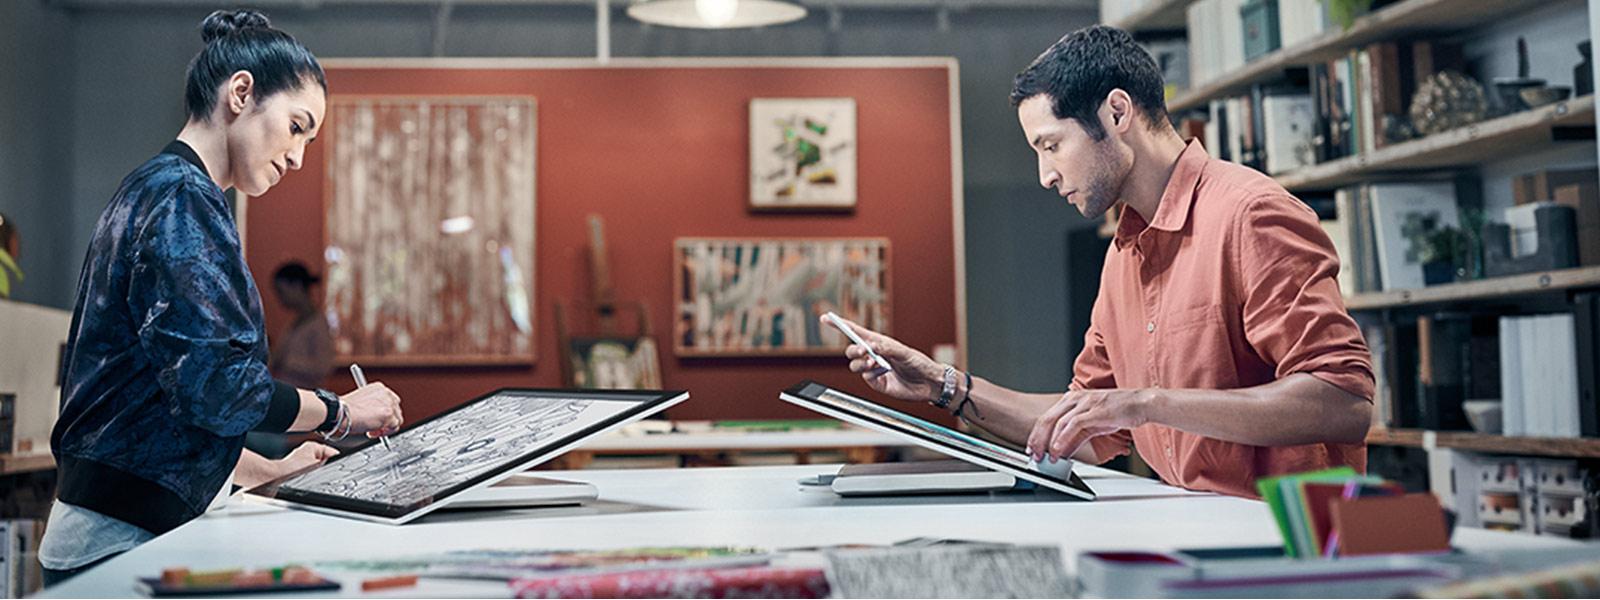 Ein Mann und eine Frau sitzen sich am Arbeitsplatz gegenüber, beide arbeiten mit Surface Studio im Studiomodus